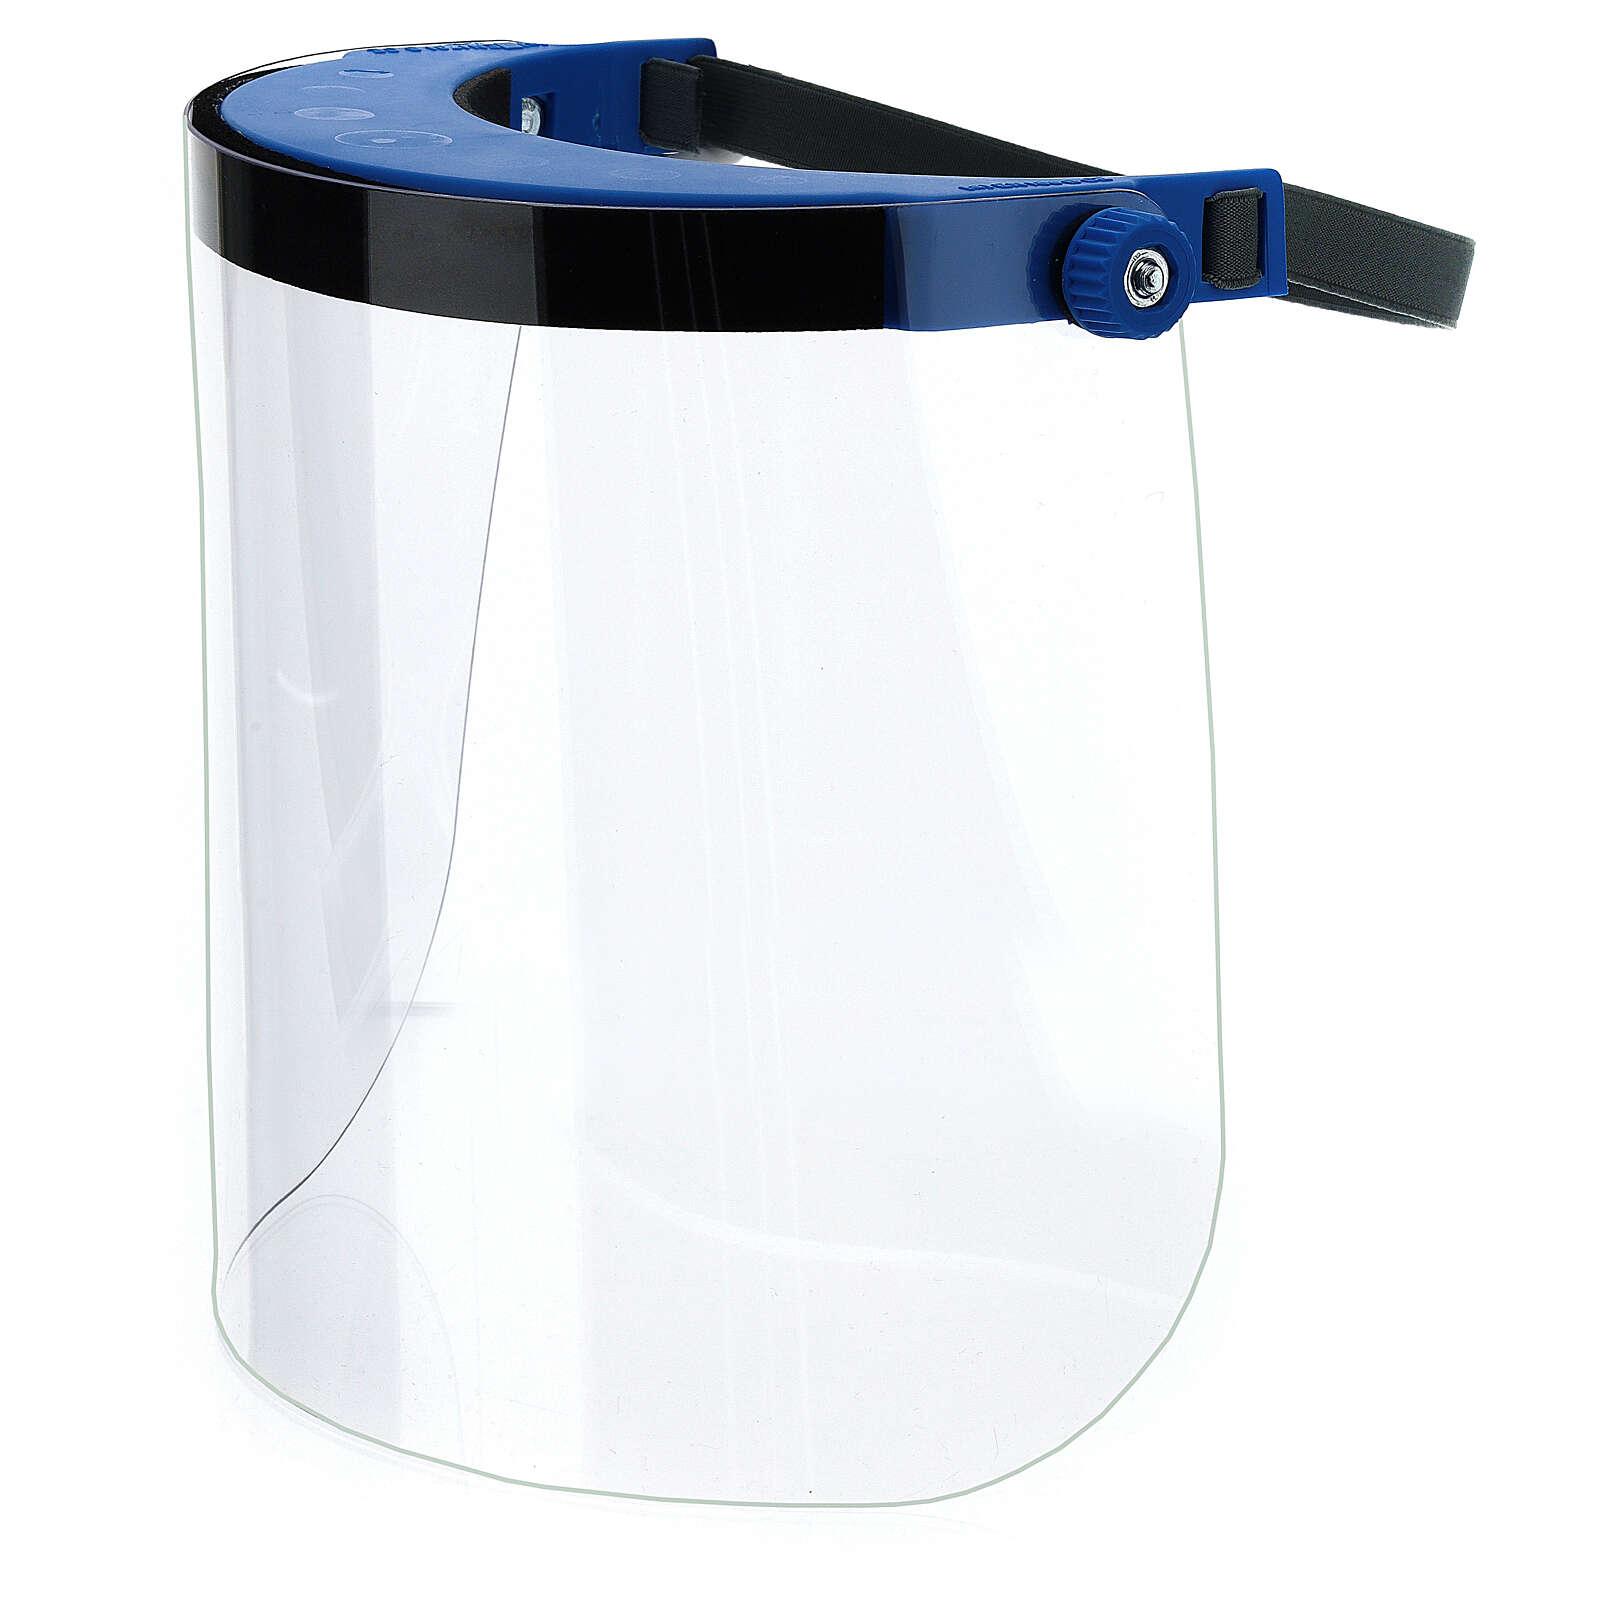 Gesichtsschild aus transparentem Kunststoff 3